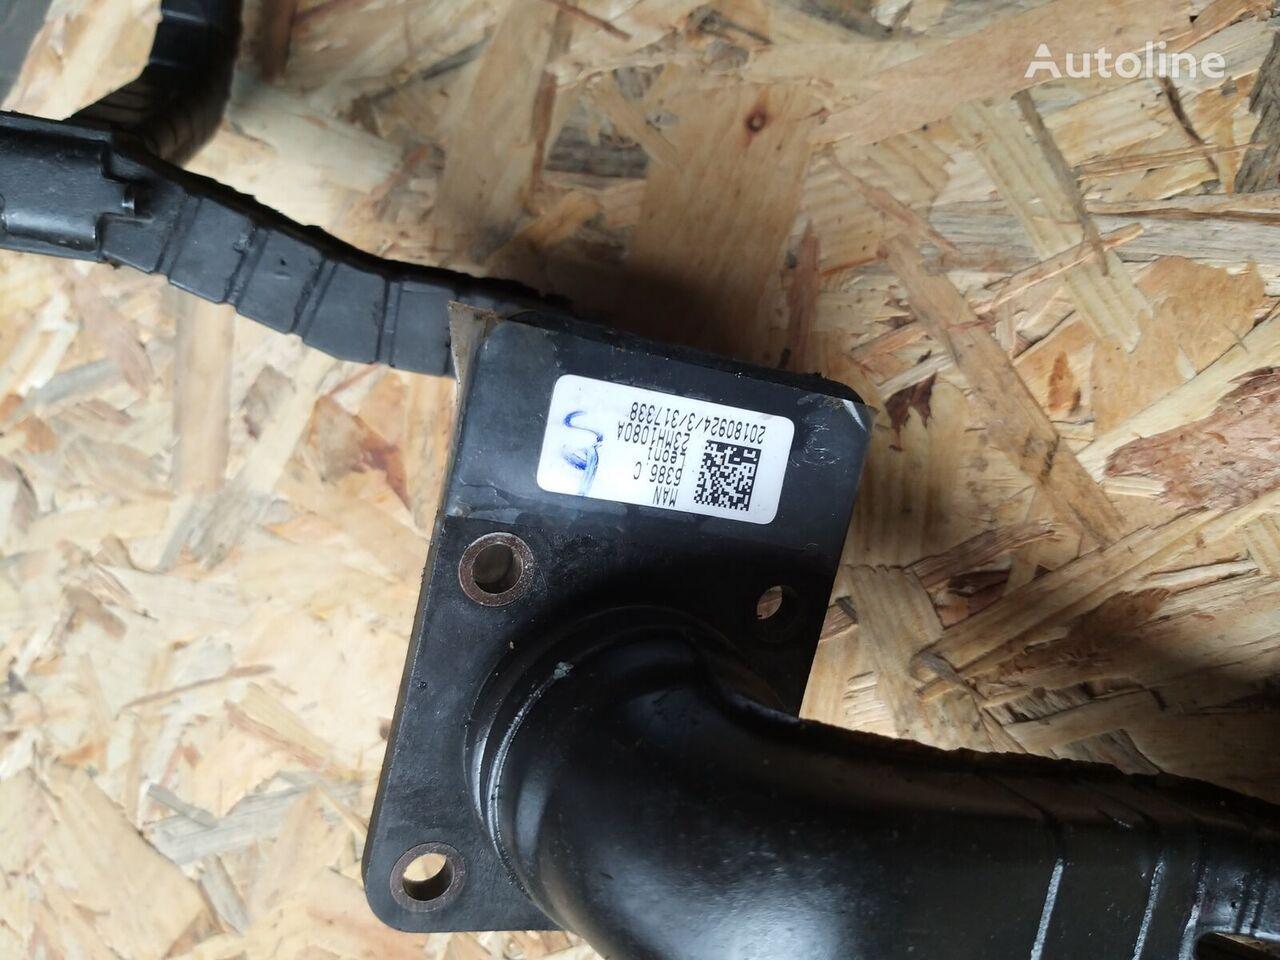 MAN D2066 D2676 ENJECTOR CABLE (81.25413-6386) MAN D2066 D2676 ENJECTOR CABLE (81.25413-6386) otra pieza del sistema de combustible para MAN TGA TGS TGX camión